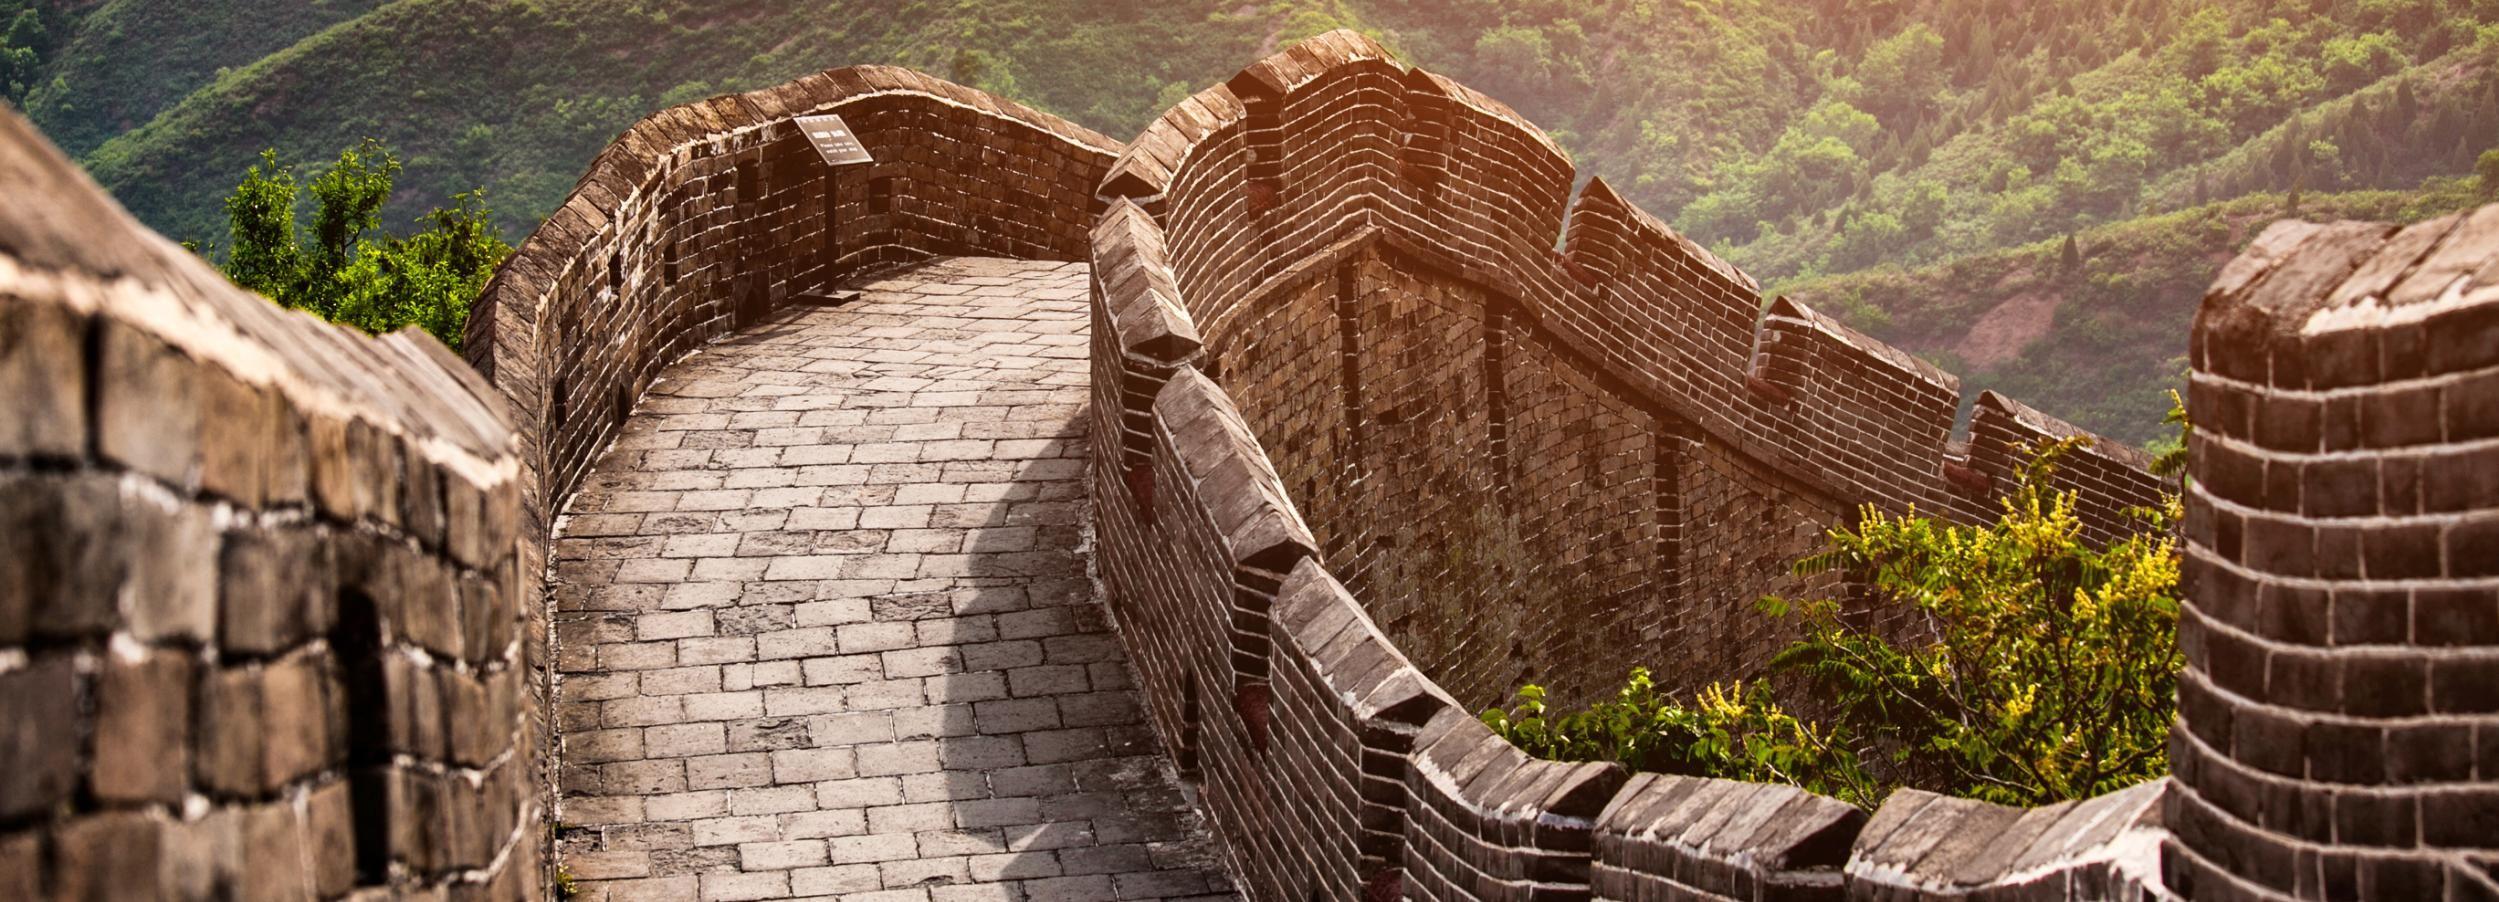 Pechino: Grande muraglia Mutianyu dall'aeroporto/hotel